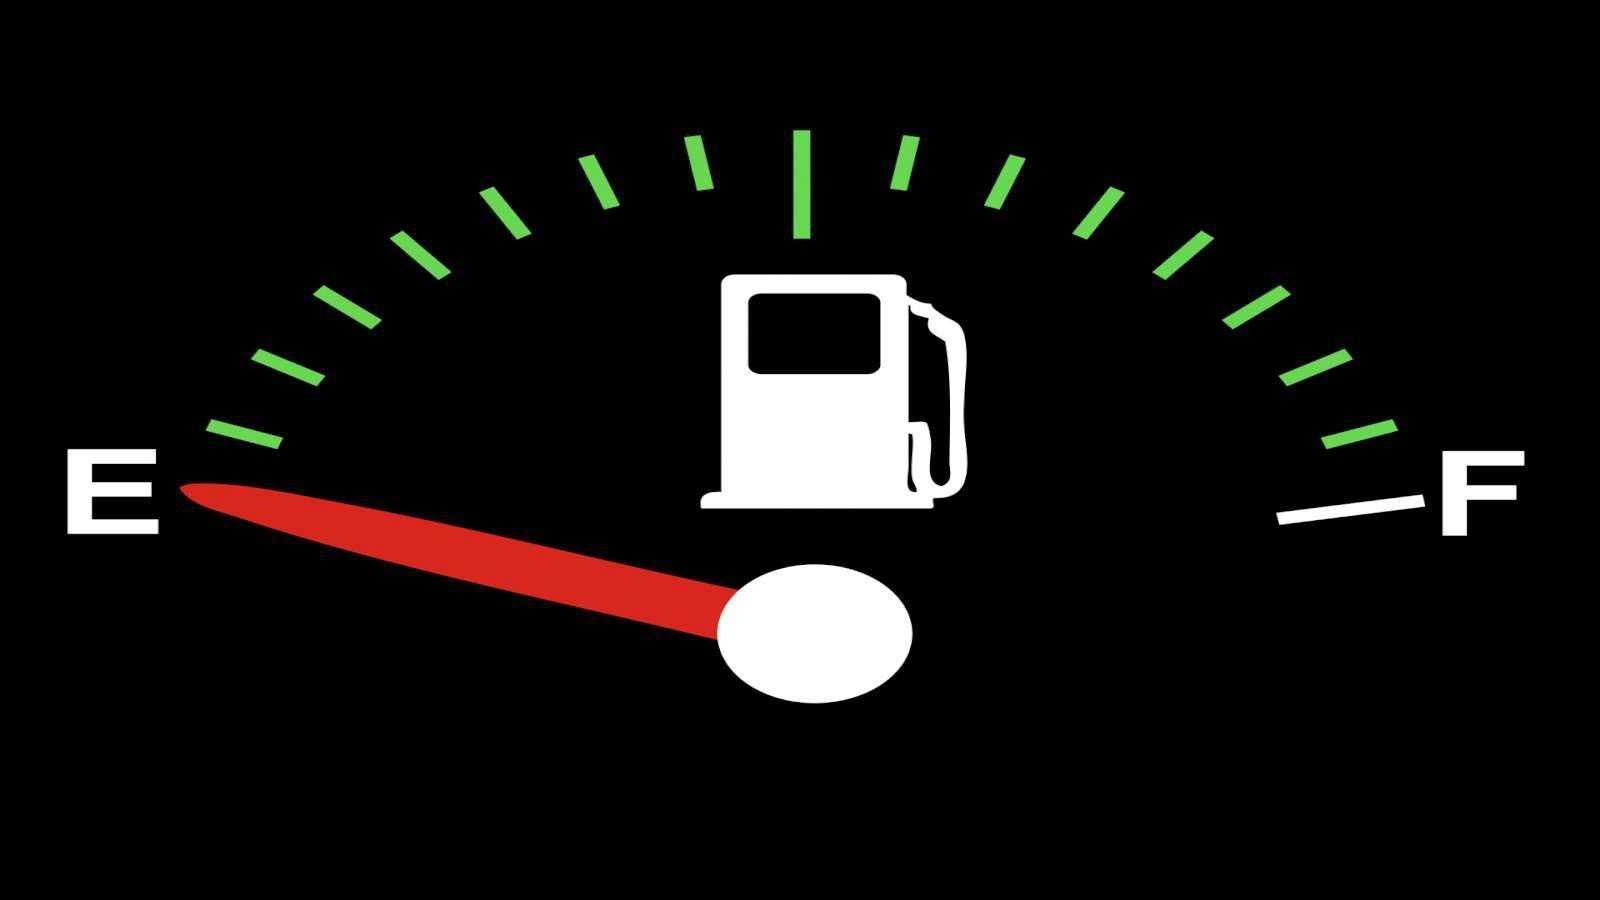 Để bình xăng ô tô quá cạn: Hỏng động cơ, có thể dẫn tới tai nạn - 2